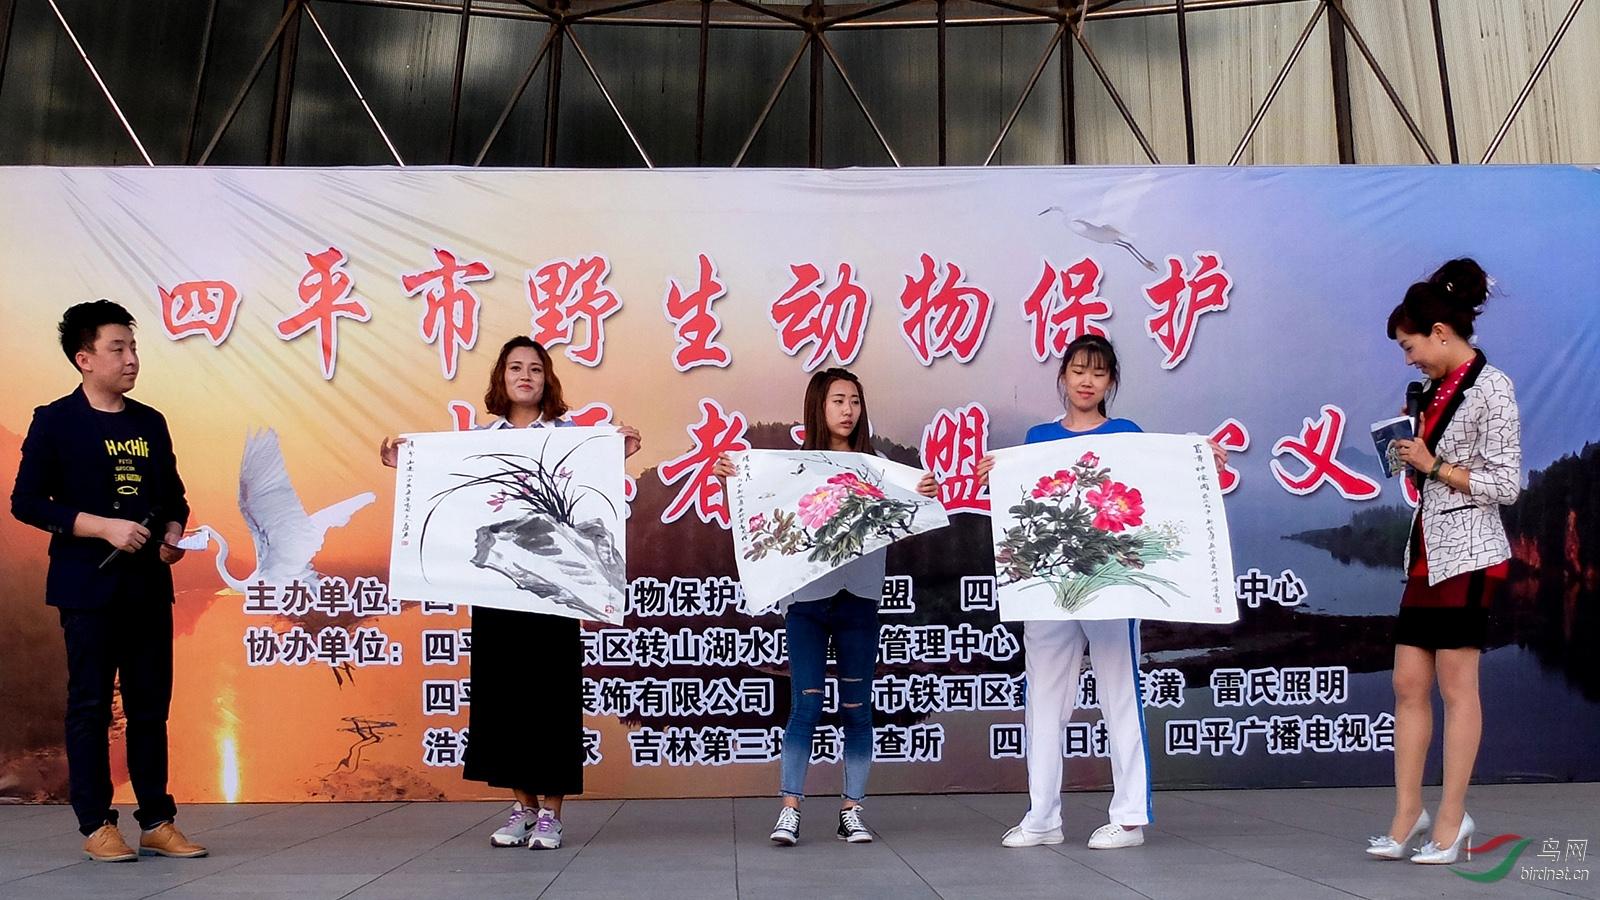 四平市野生动物保护志愿者联盟爱心义演活动,市知名画家把心爱的作品现场拍卖义捐.jpg